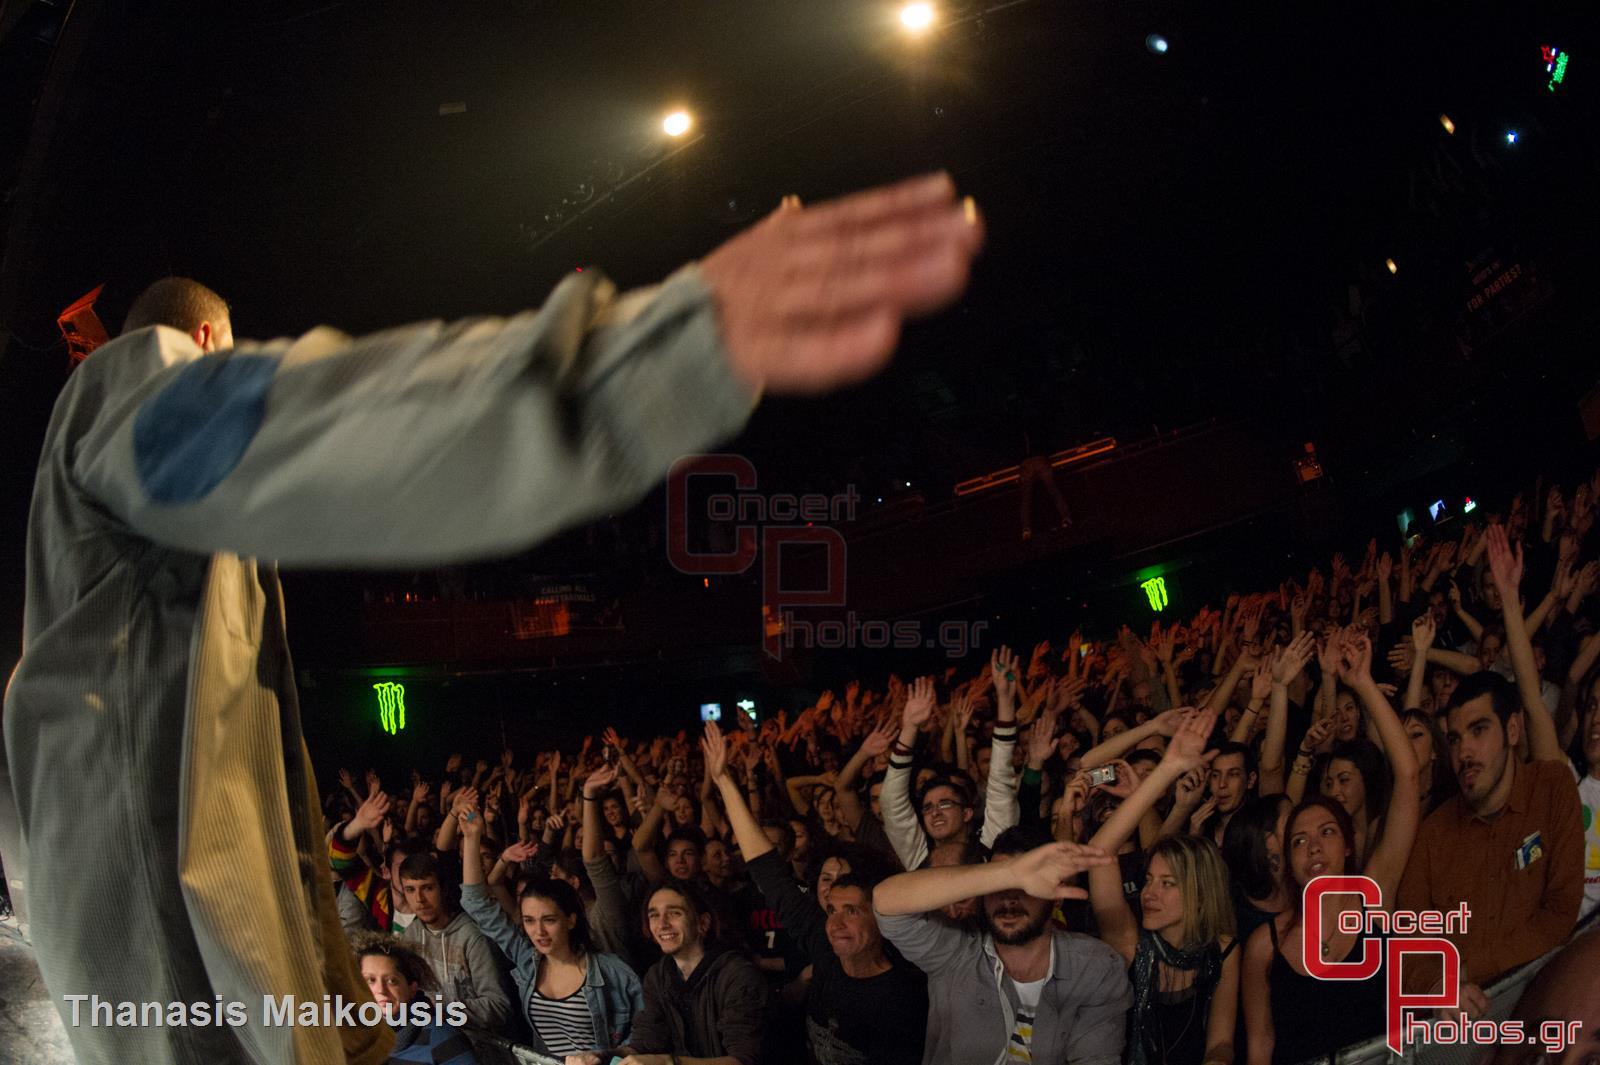 Dub Inc-Dub Inc photographer: Thanasis Maikousis - concertphotos_-5379